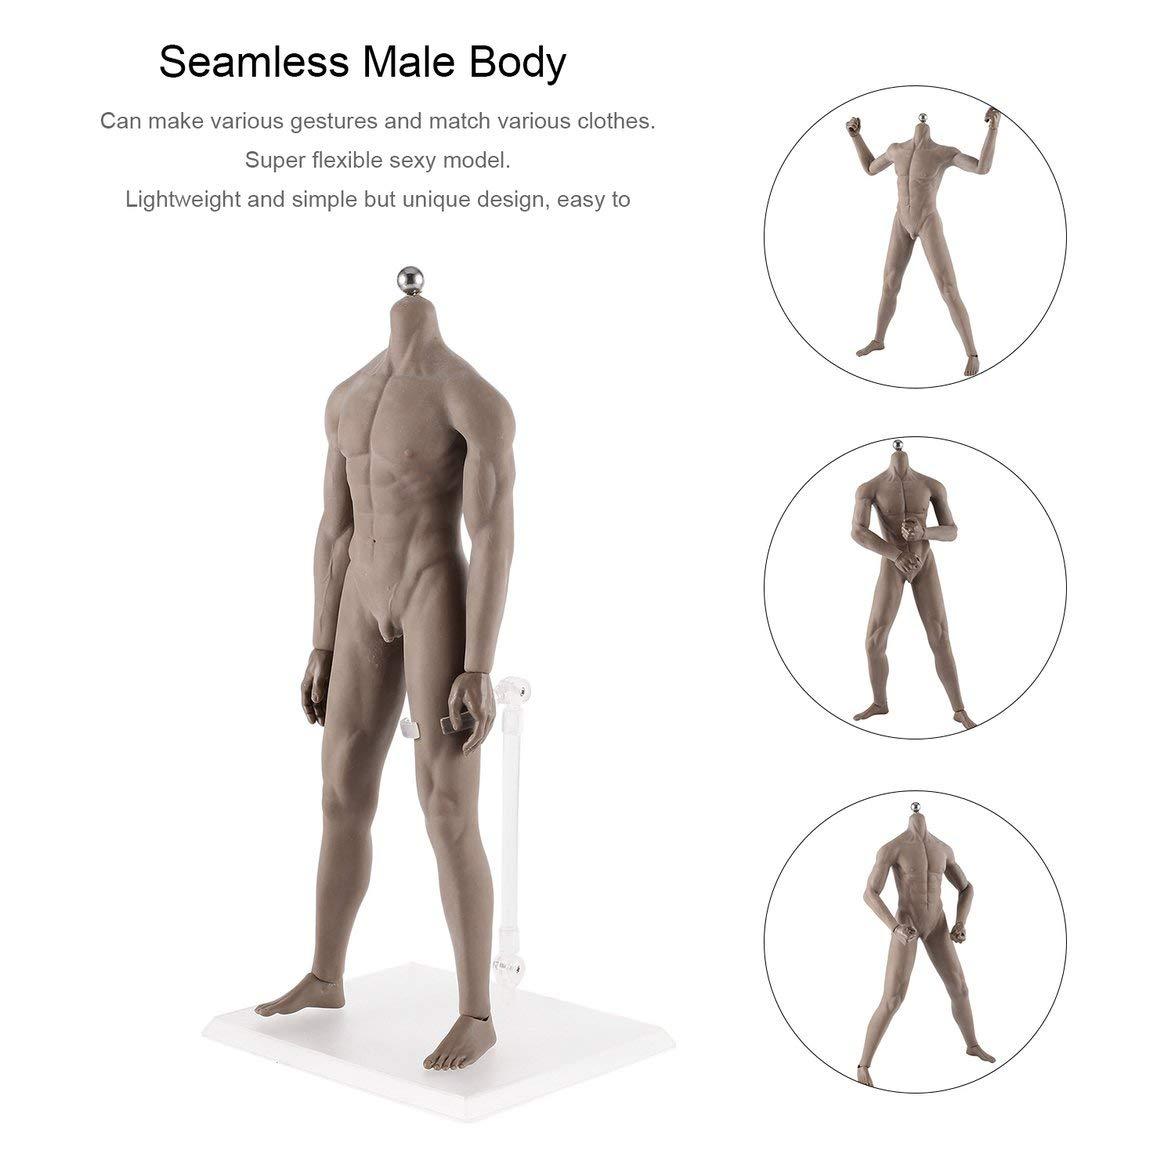 Kongqiabona JIAOU DOLL JOK-11C-PS/YS 1: 6-Skalen-Nahtlos Ultra-bewegliche männliche Körperkugelgelenke Körperkugelgelenke Körperkugelgelenke 28 Artikulationspunkte Skelett 4d3e40